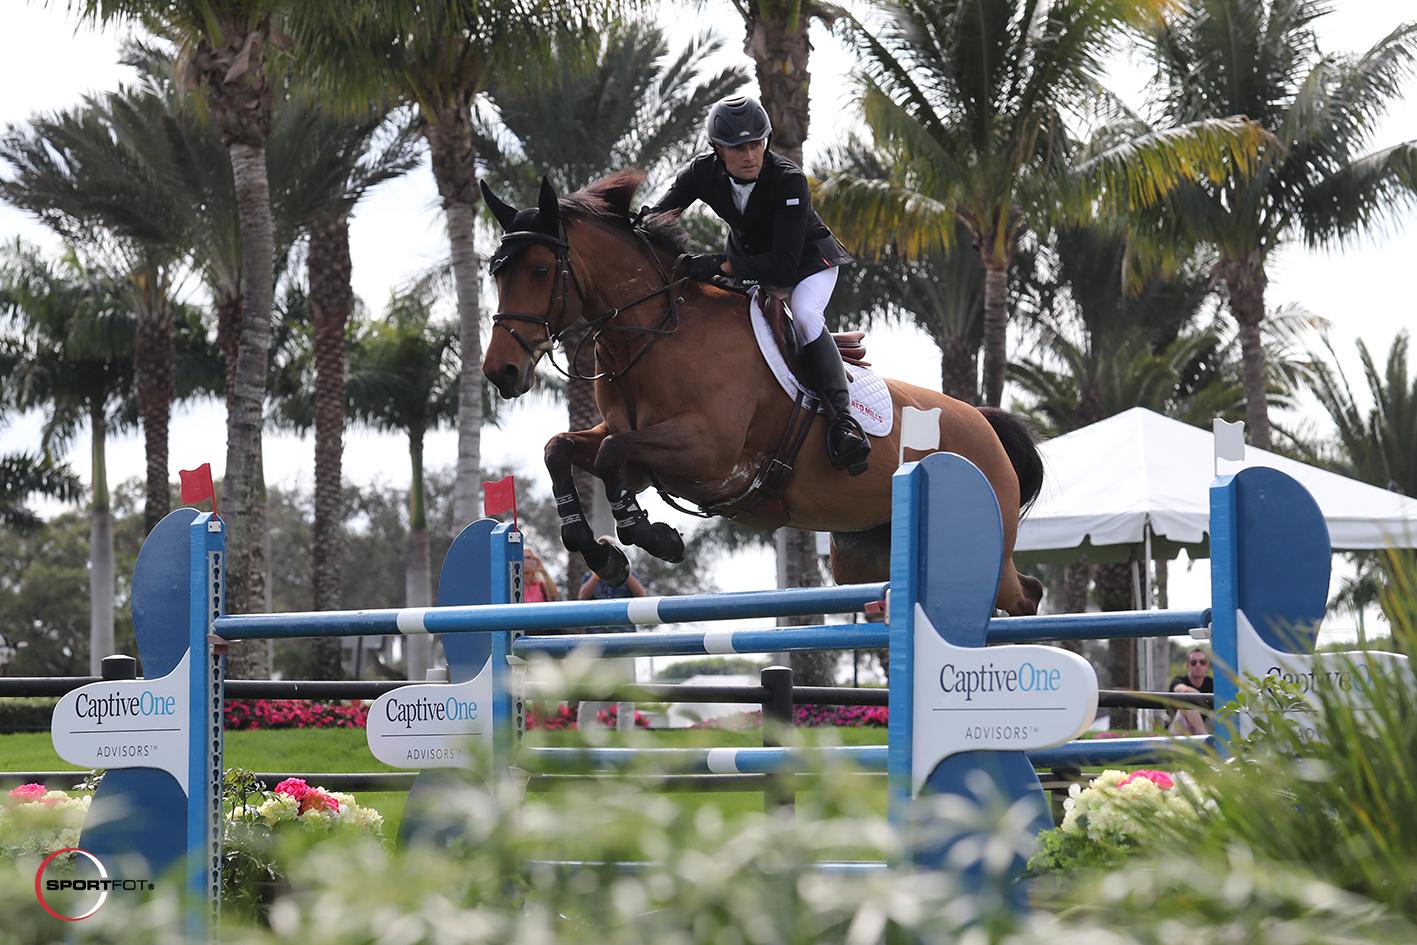 Capt Brian Cournane and Penelope Cruz 404_6873 Sportfot